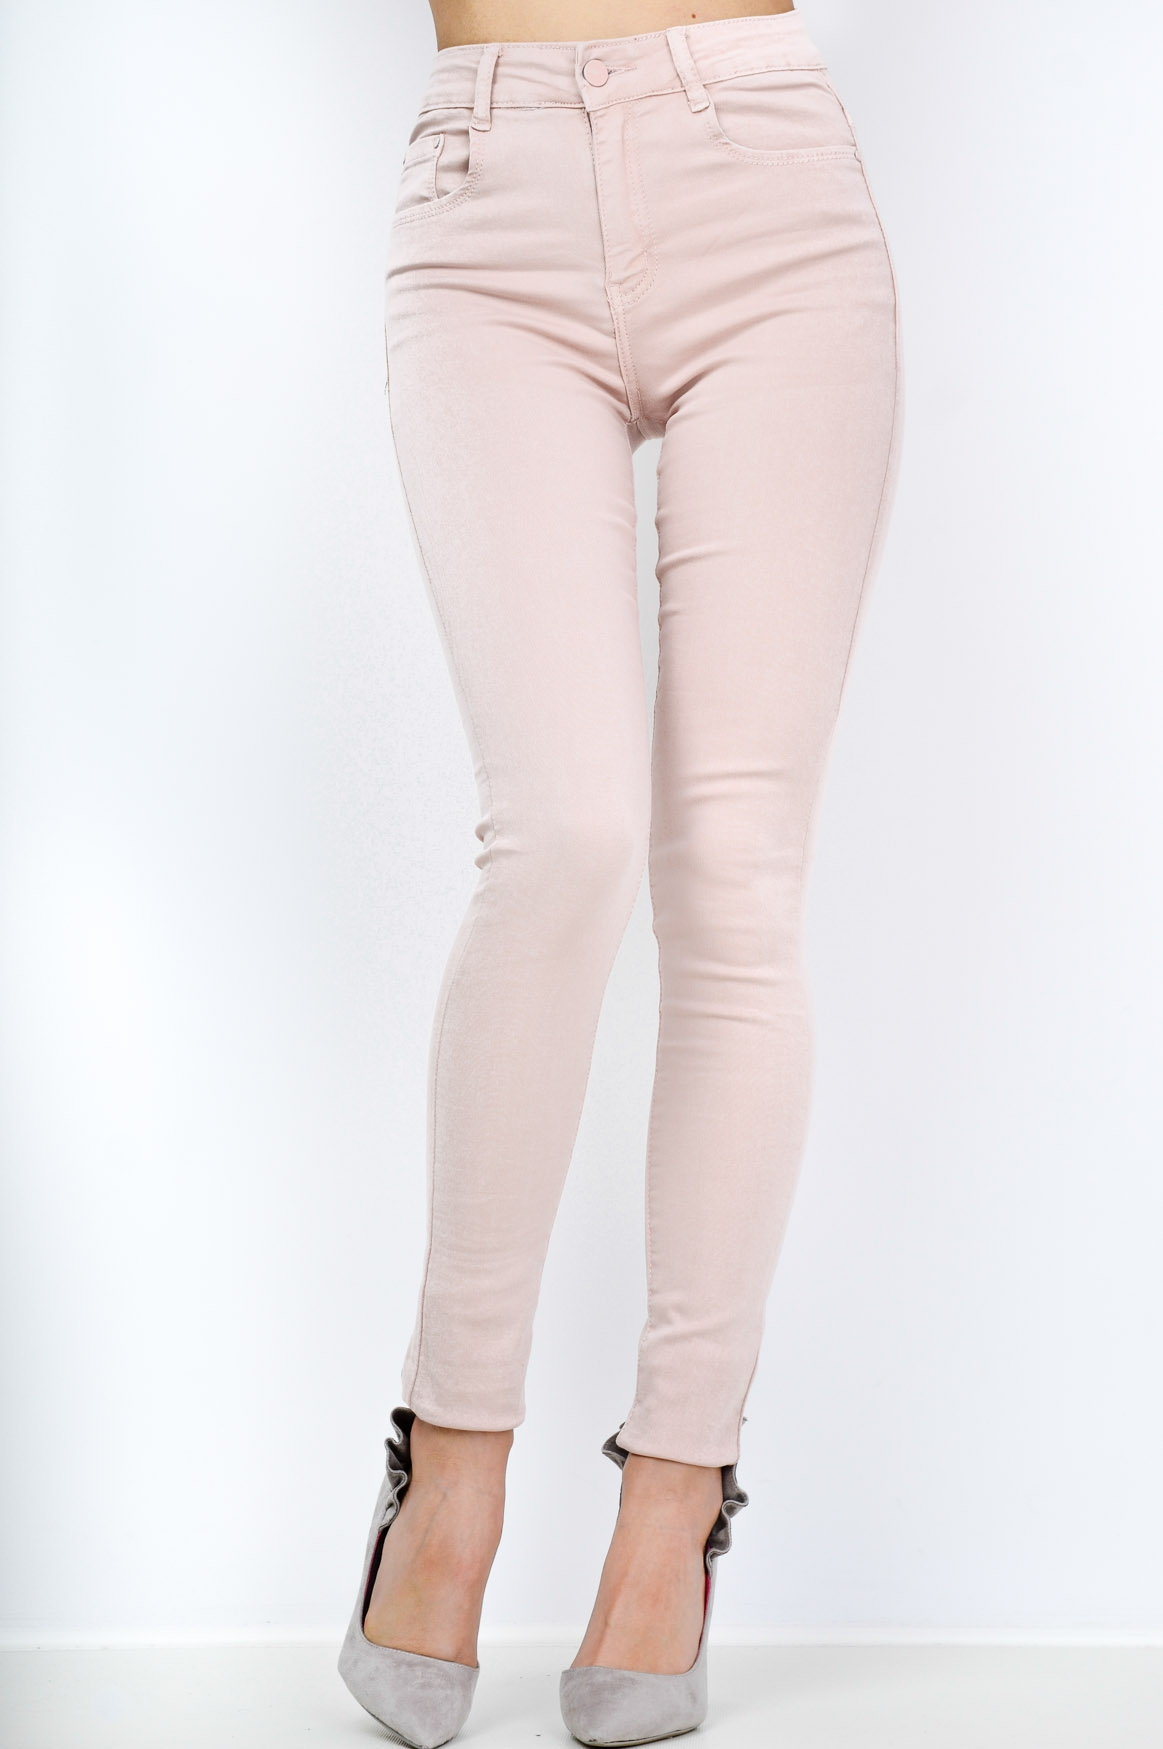 edc021cf9cb5 Dámské tregíny s vysokým pasem Y3030 - B.S. jeans béžová 42